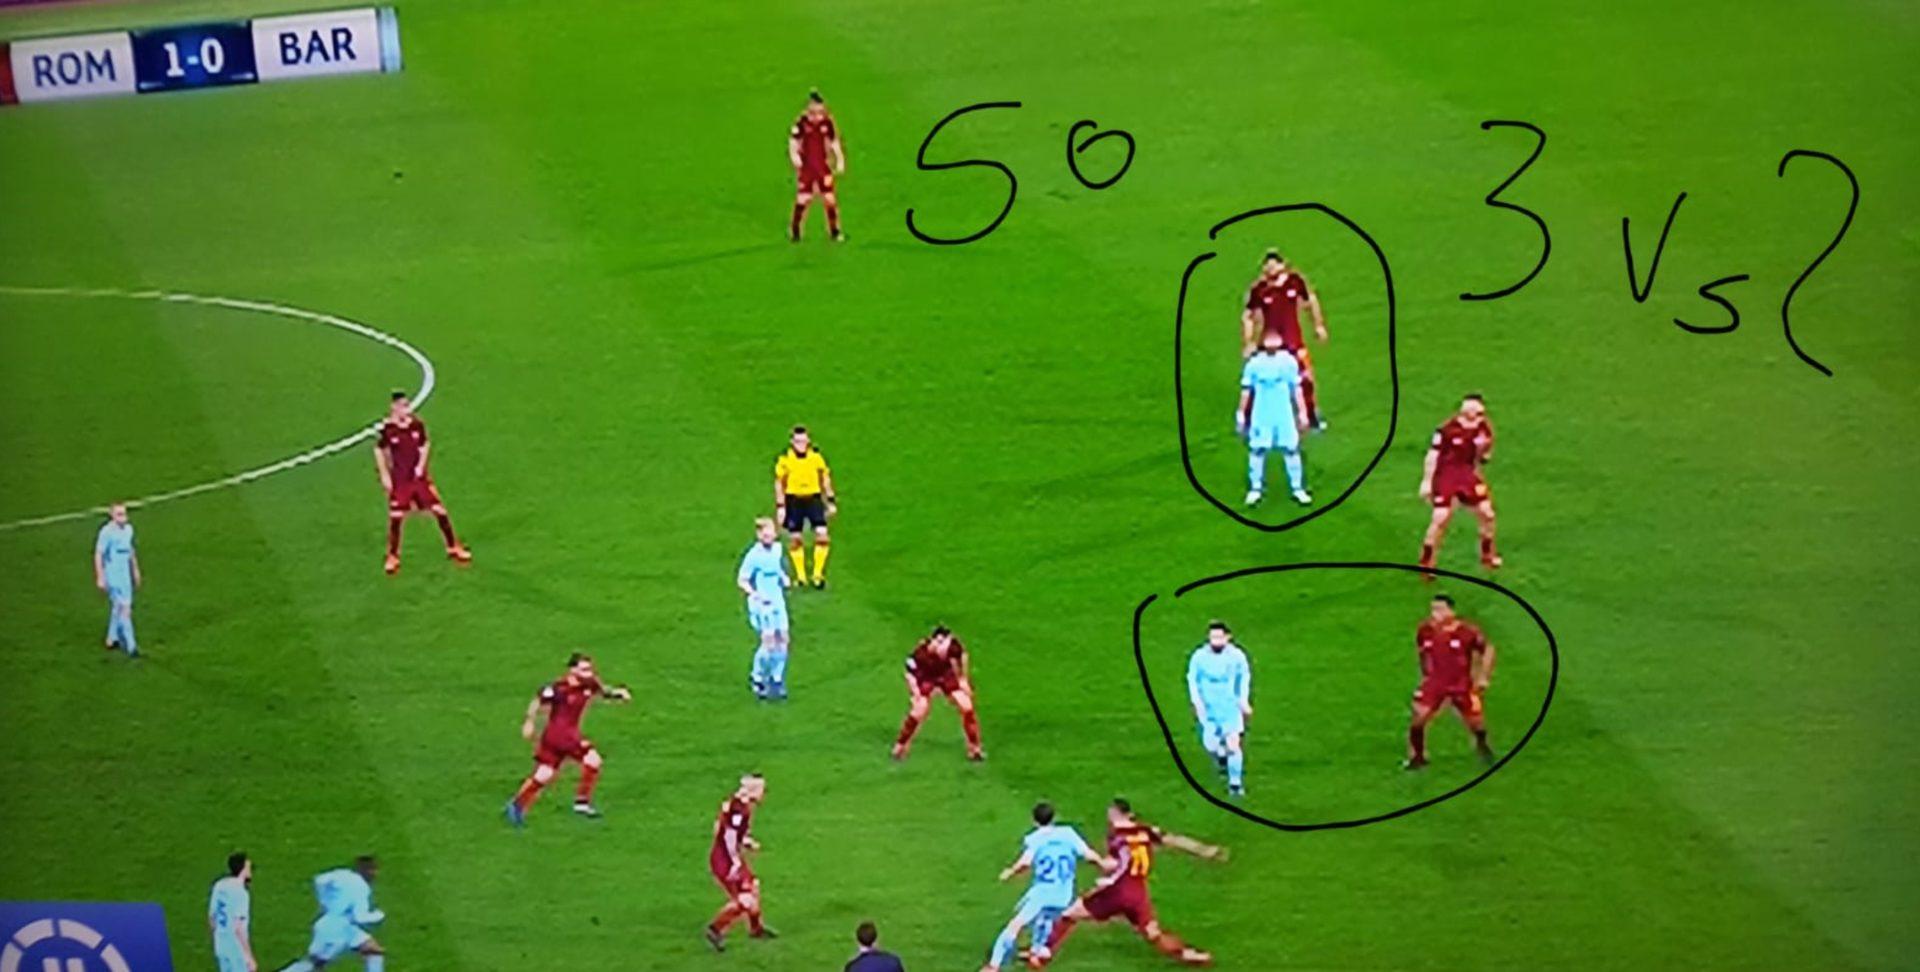 Roma Barcellona superiorità numerica